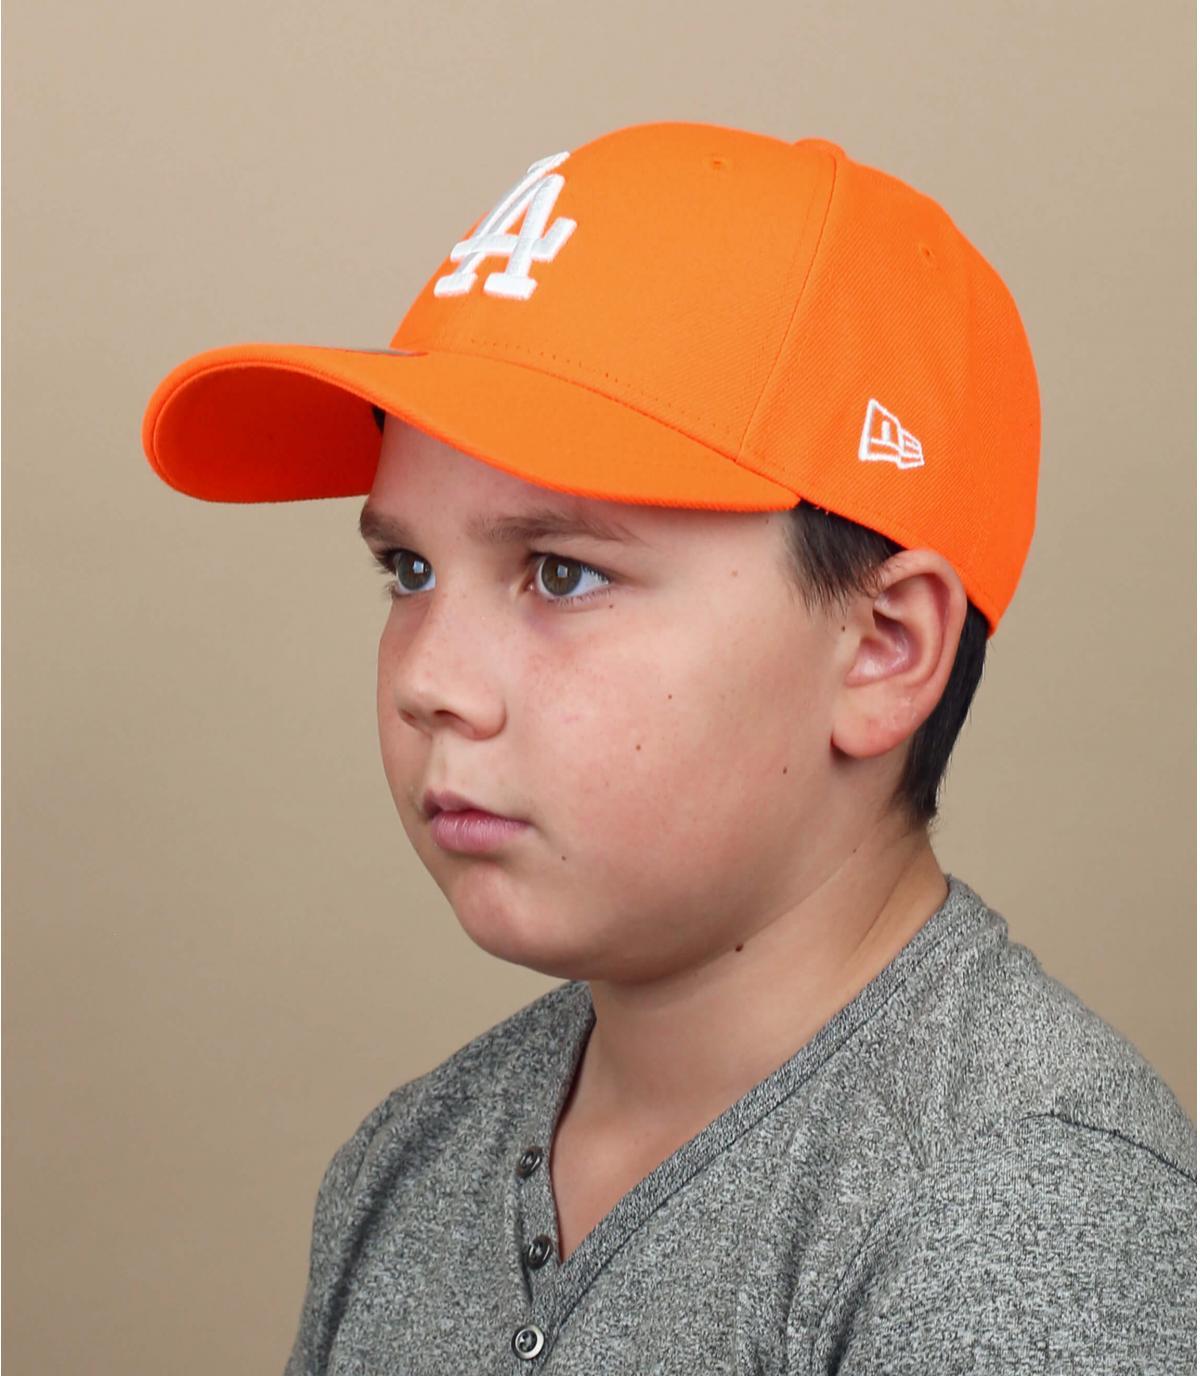 LA oranje kinderpet